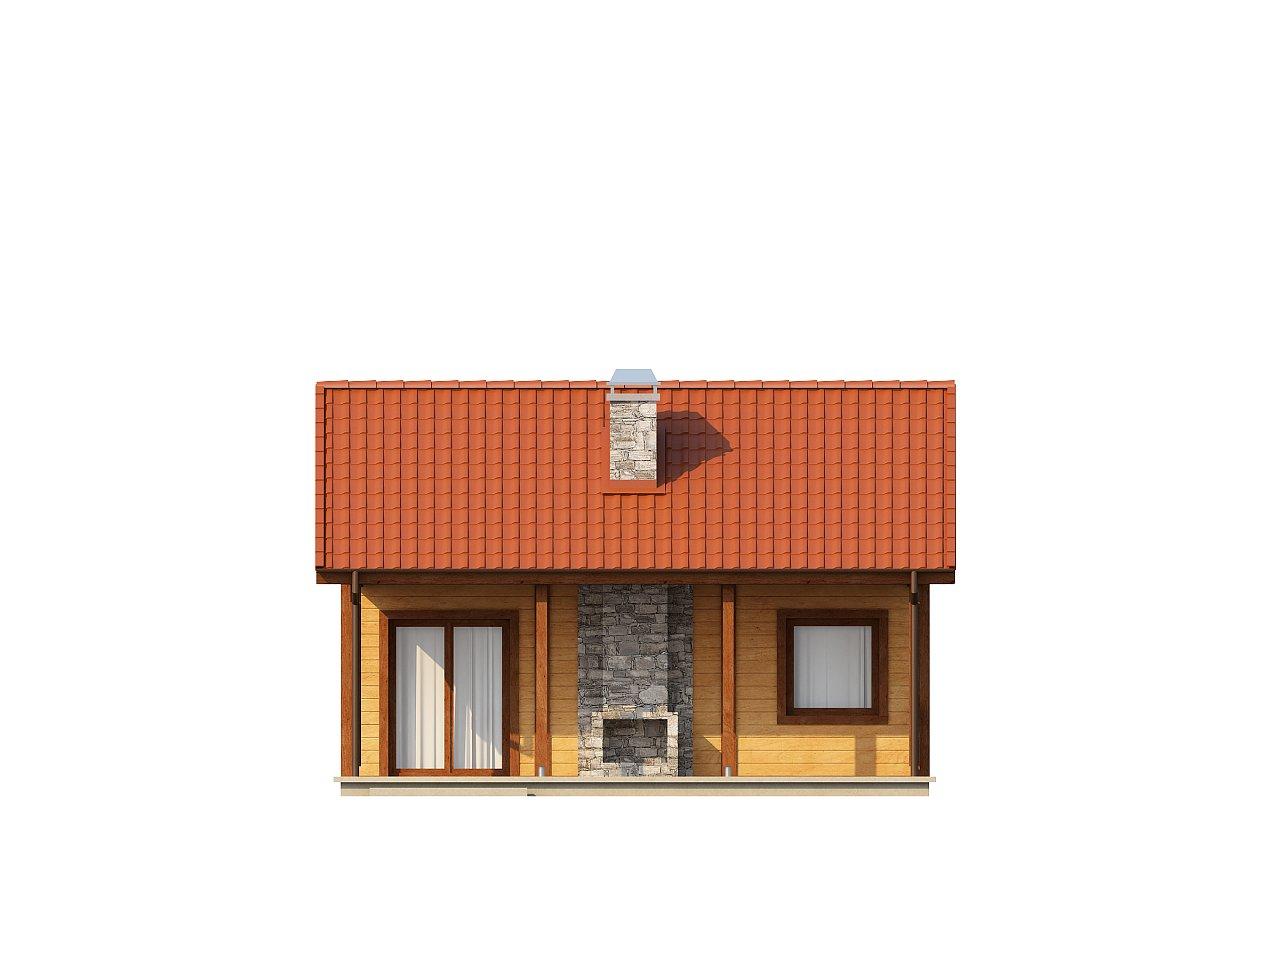 Маленький одноэтажный дом, оснащенный всем необходимым для круглогодичного проживания. 13